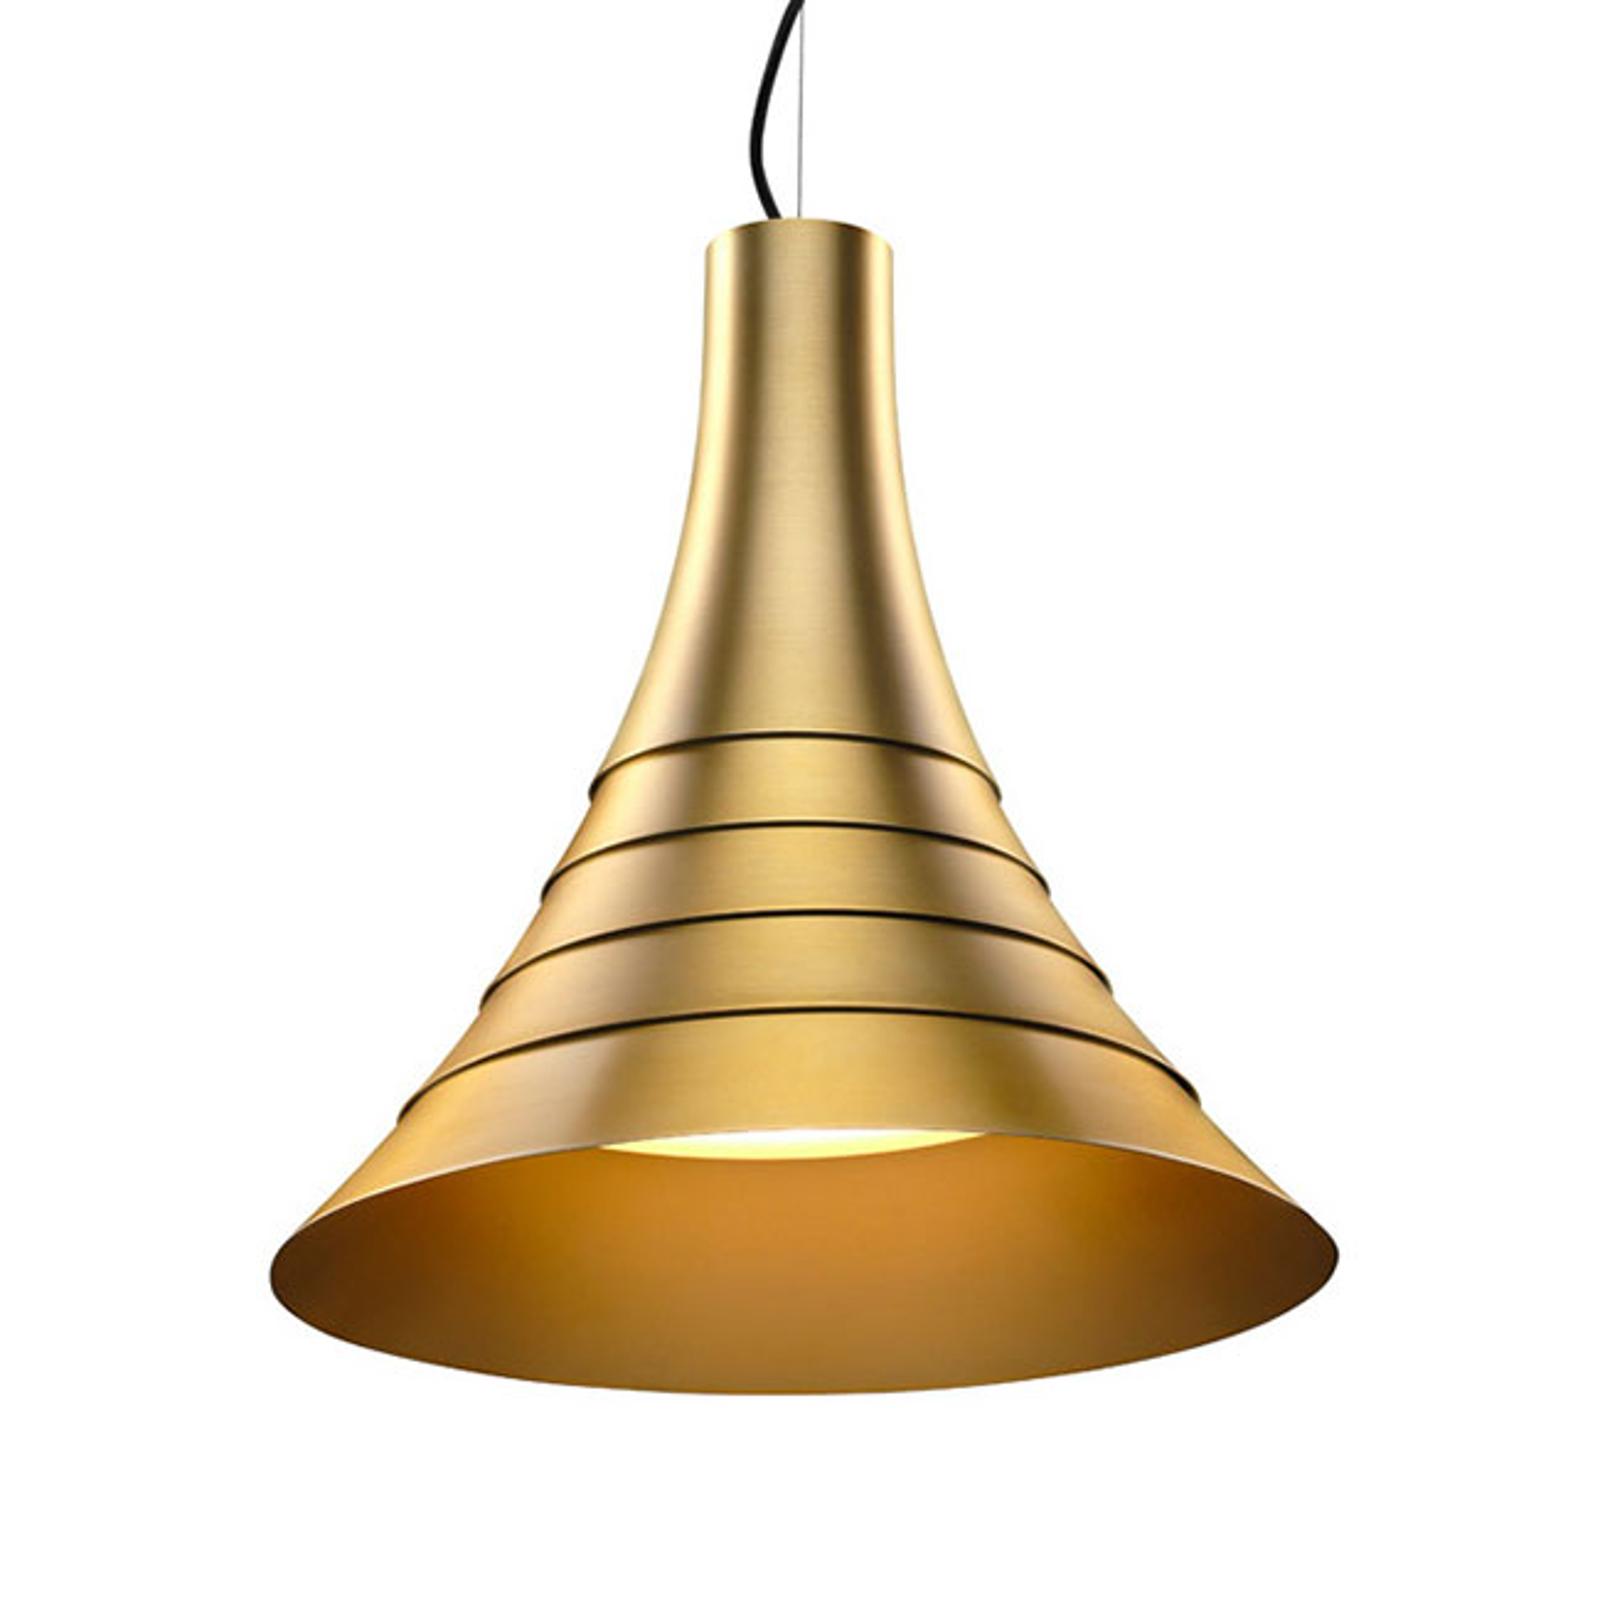 SLV Bato 45 LED hanglamp messing Ø45cm